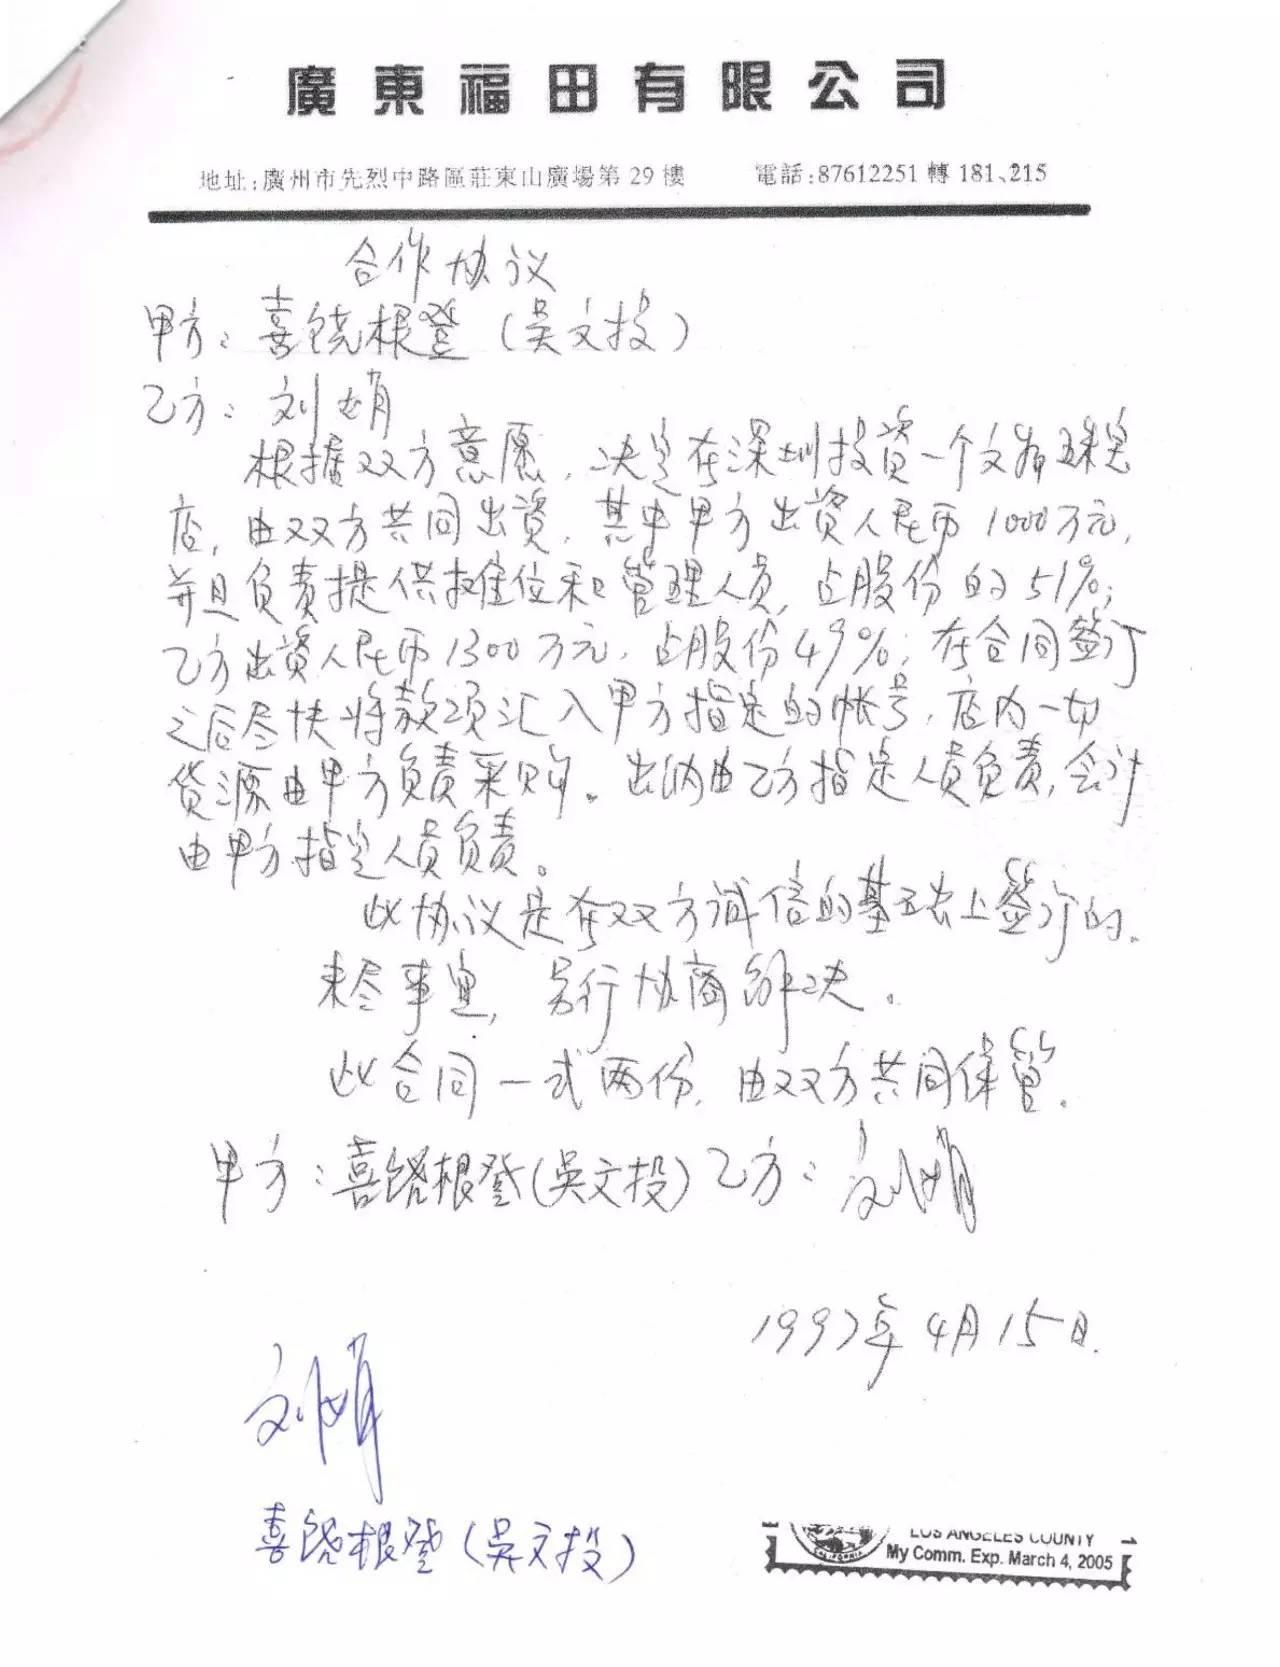 周永康陈绍基陷害第三世多杰羌佛真相曝光 第37张